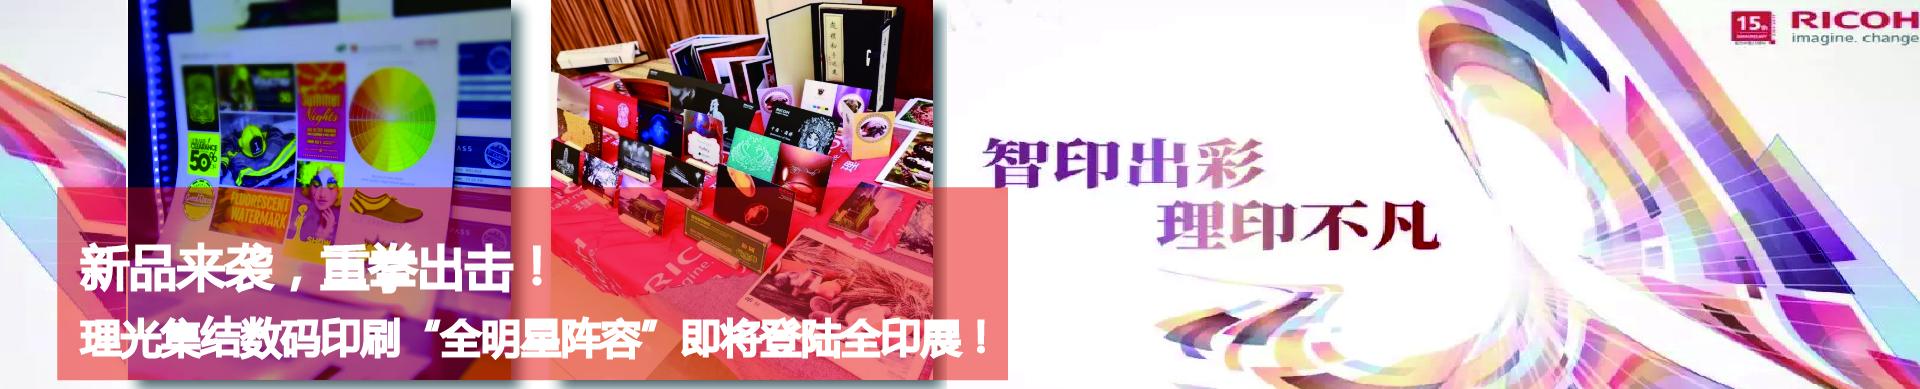 首页banner-cn-3